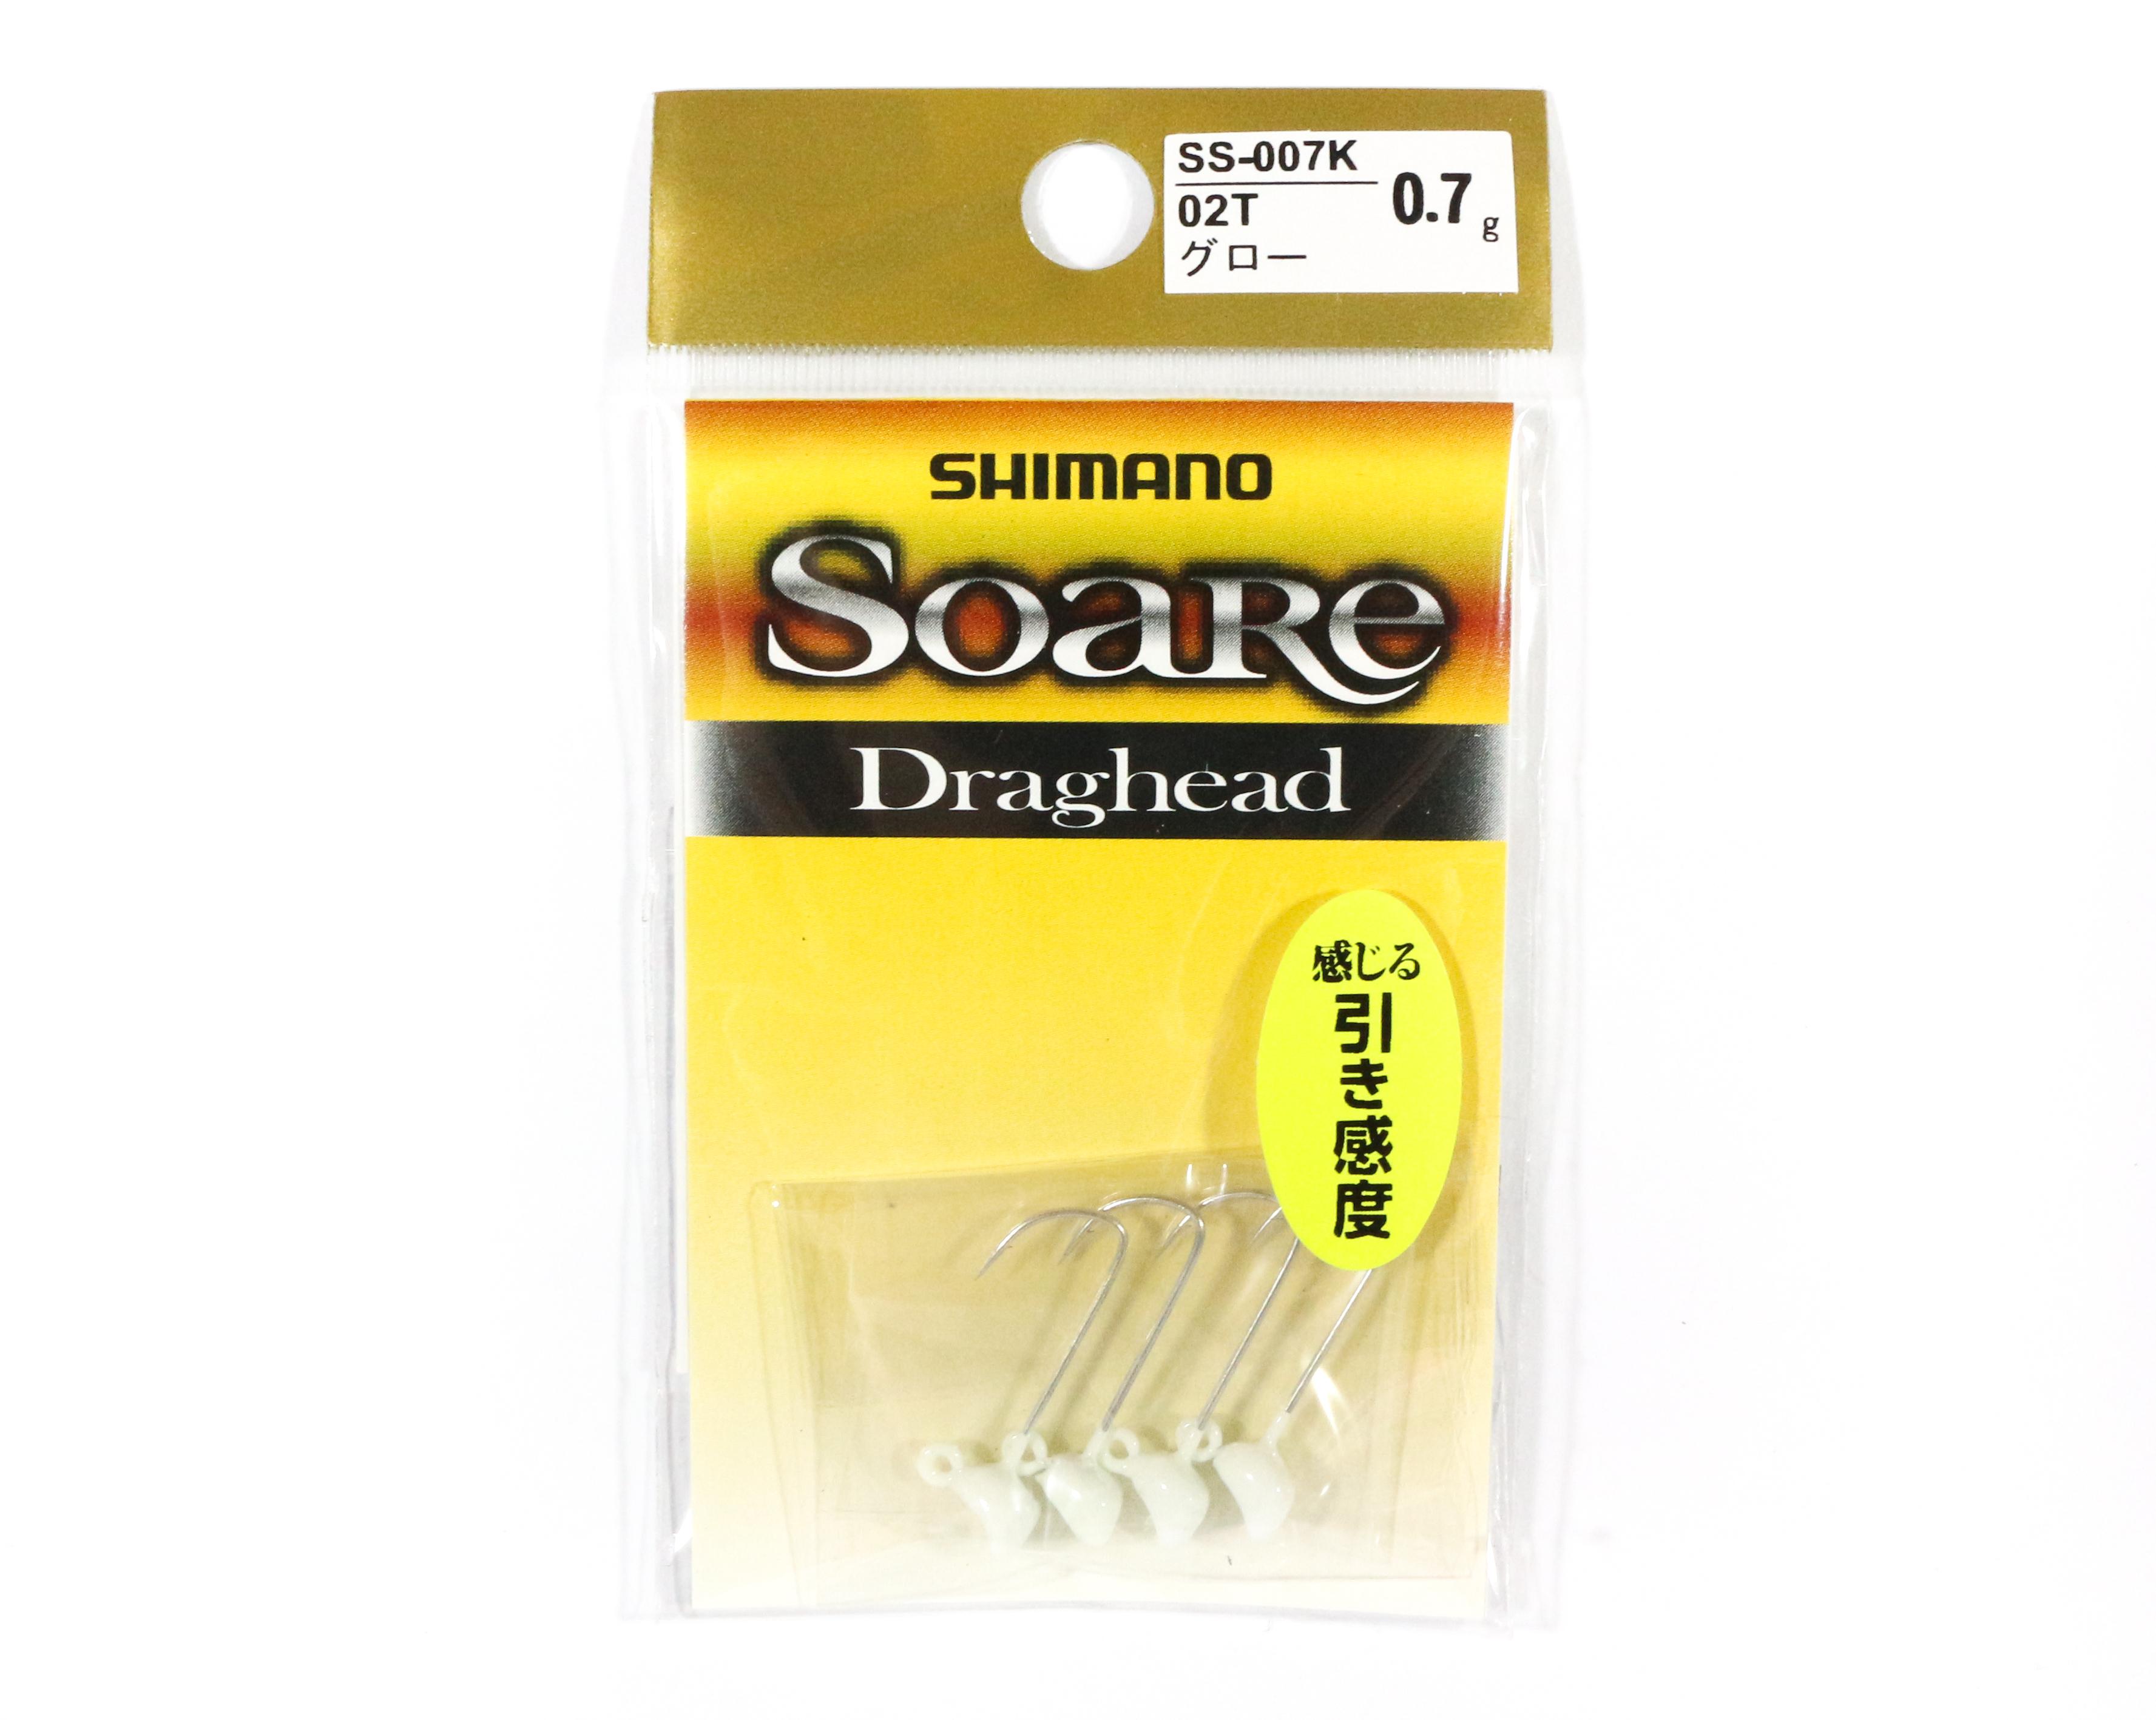 Shimano SS-007K Jig Head Soare Drag Head Glow 0.7 grams 02T 762832